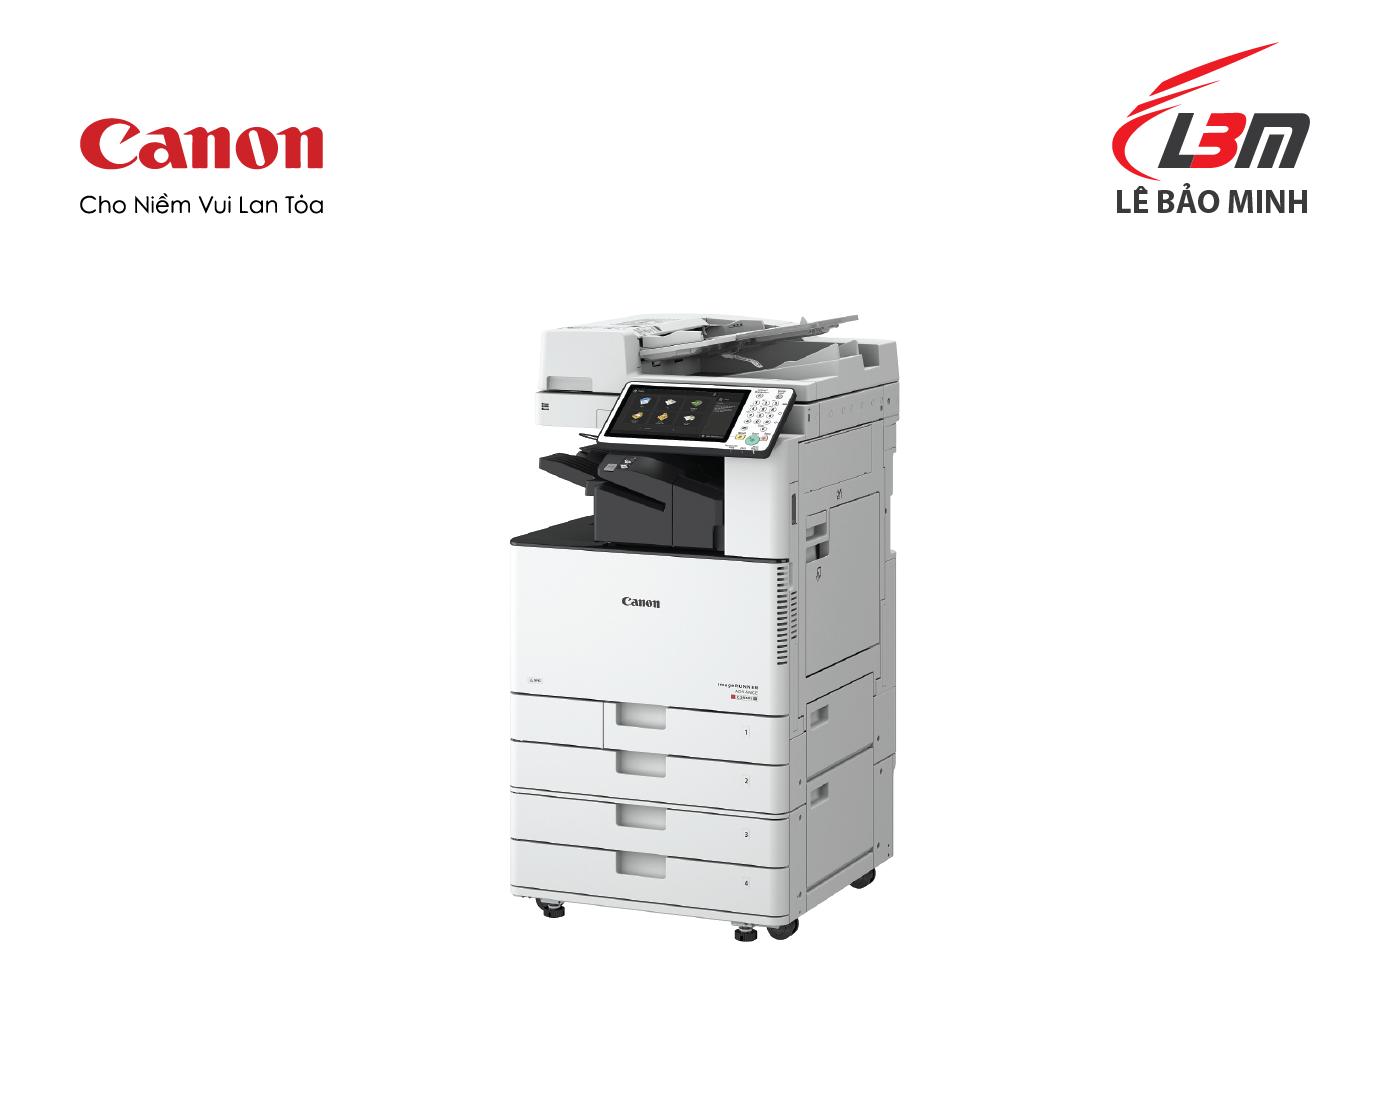 Photocopy iR C3520i III